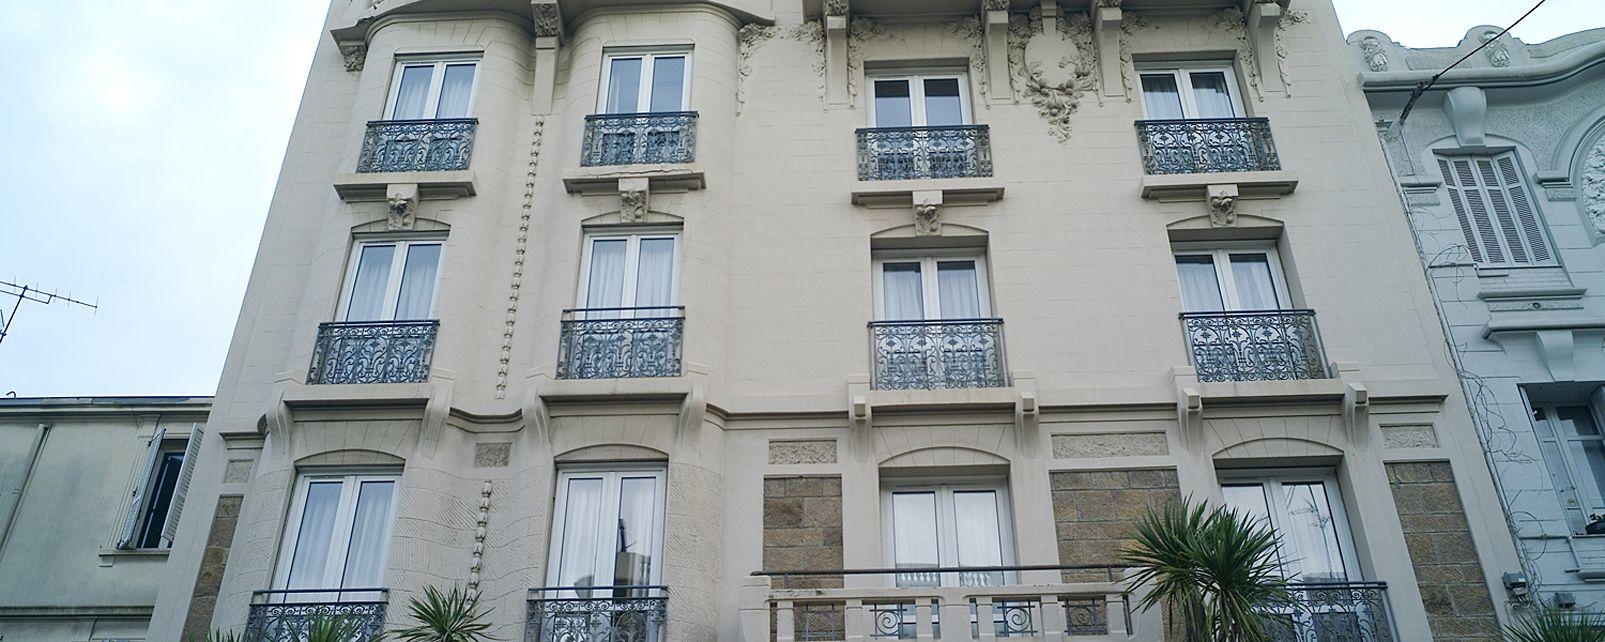 Hôtel Le Renoir